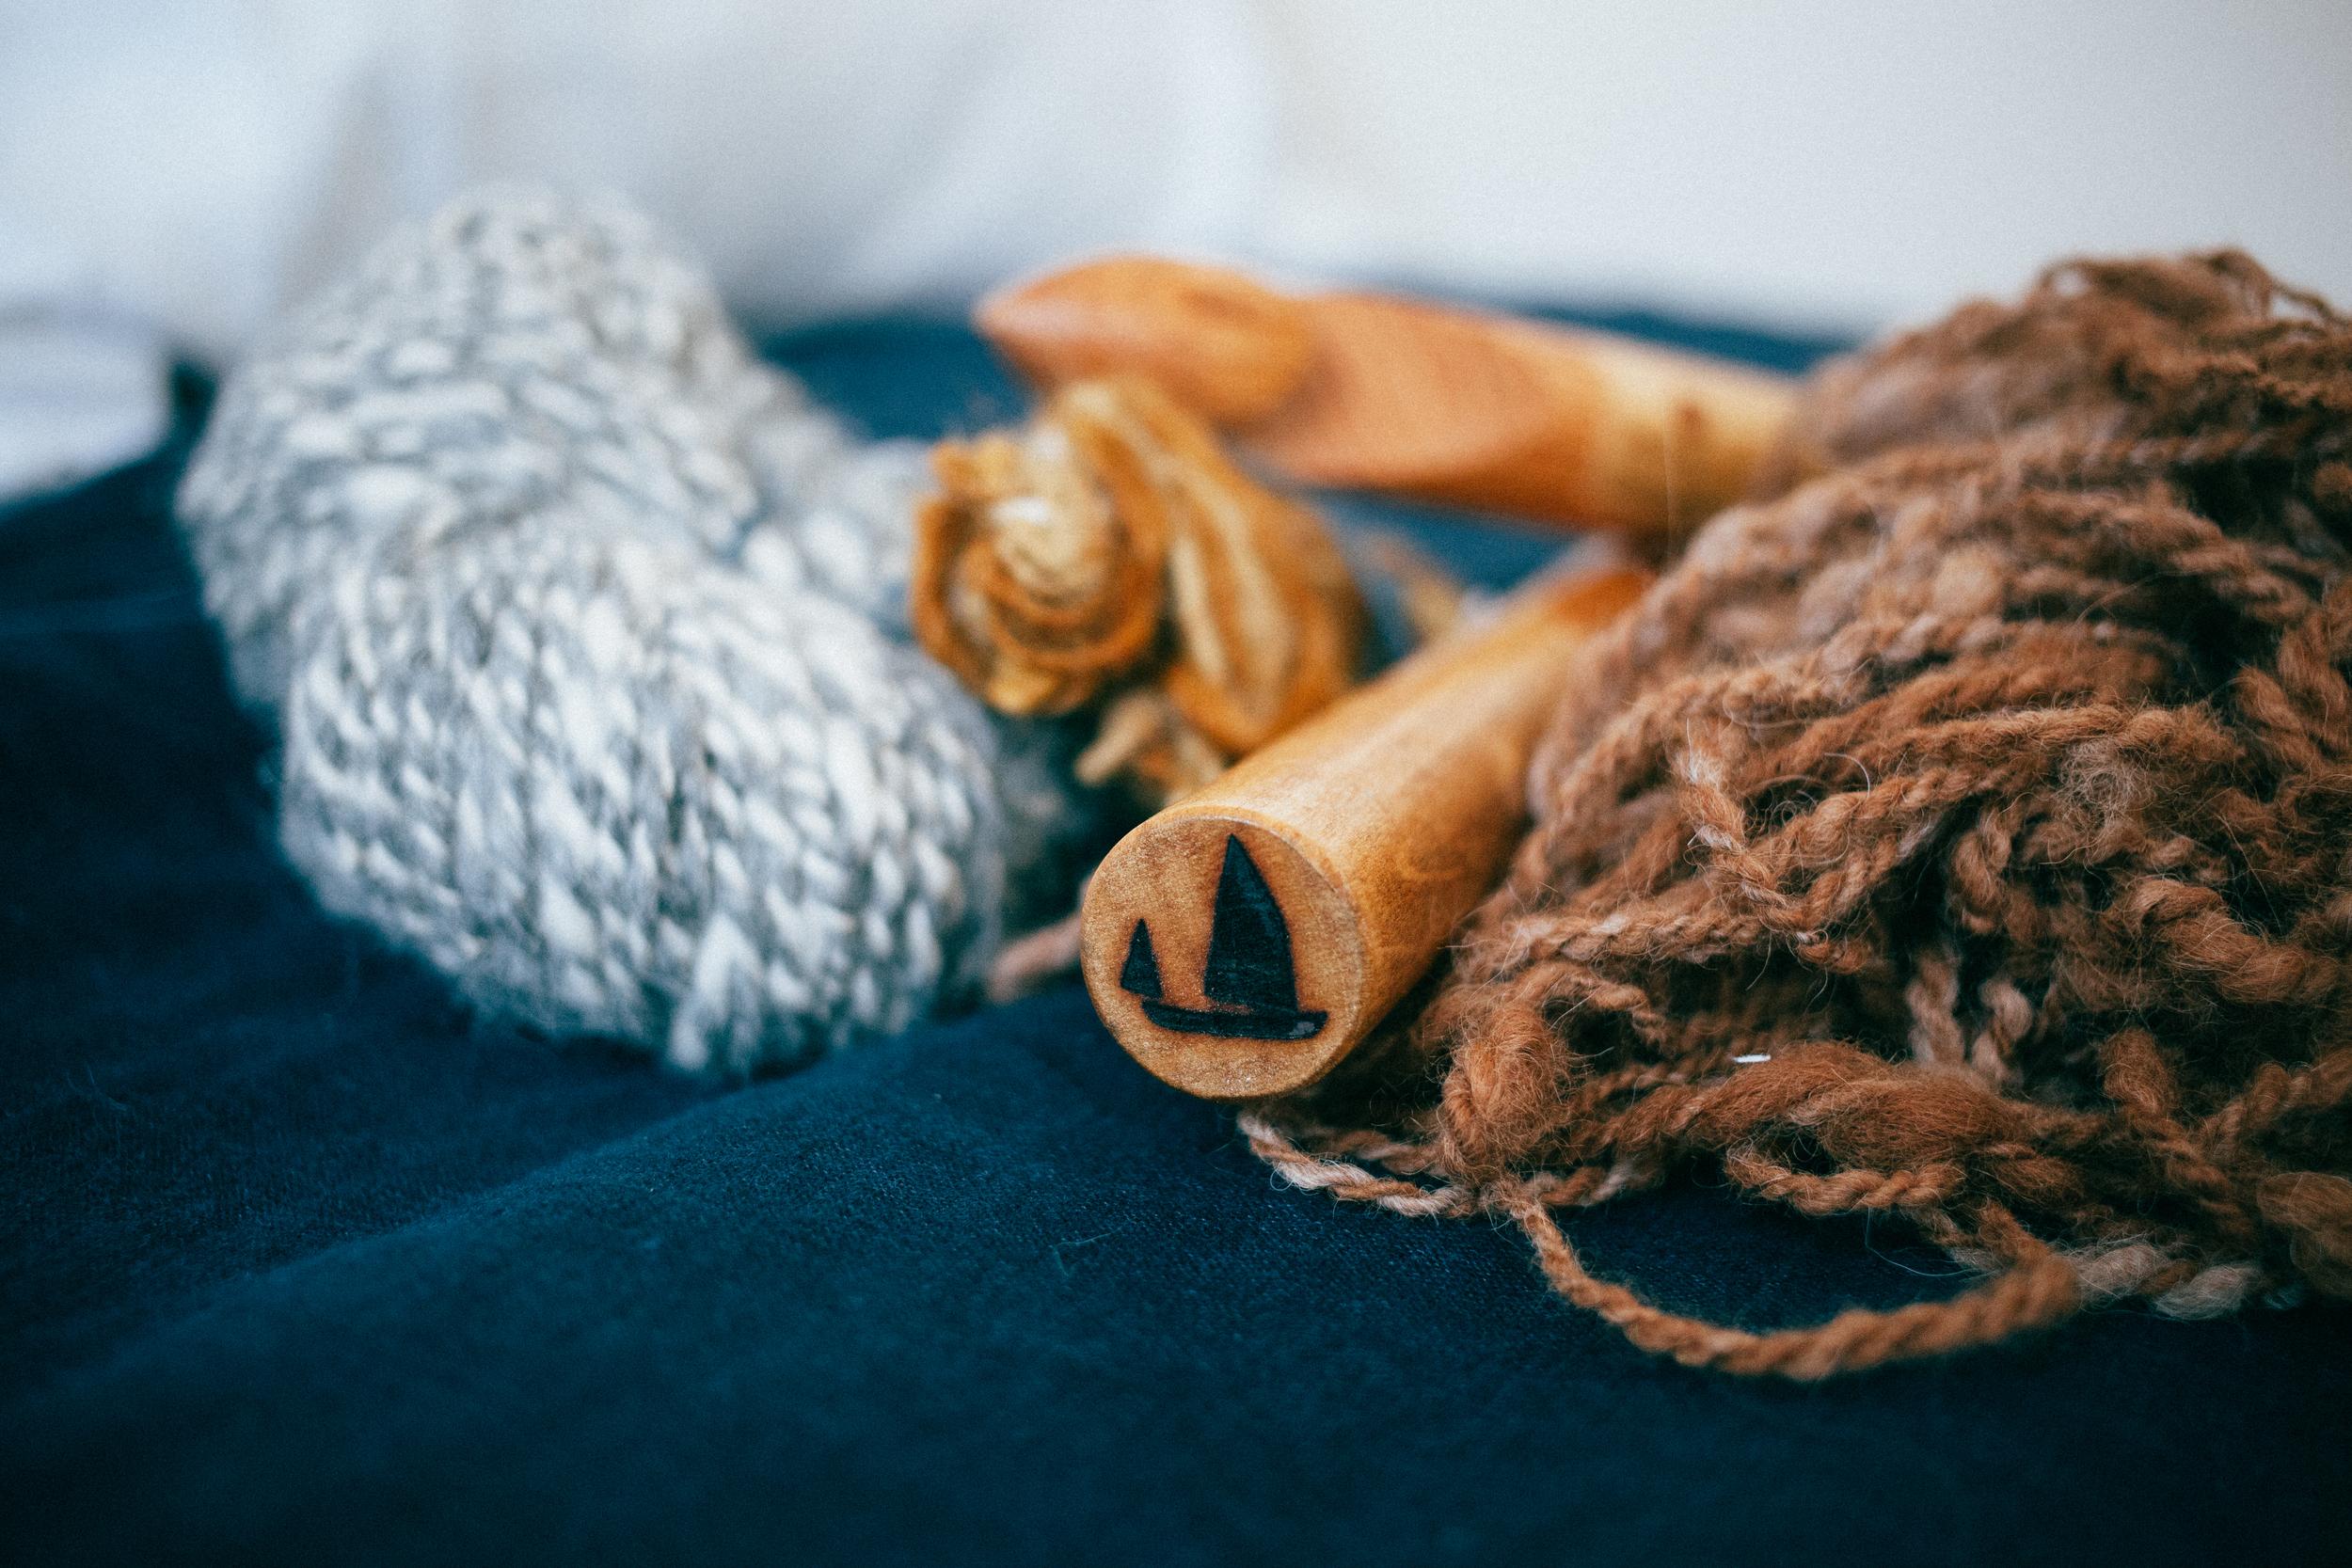 crochet-hooks-5356.jpg